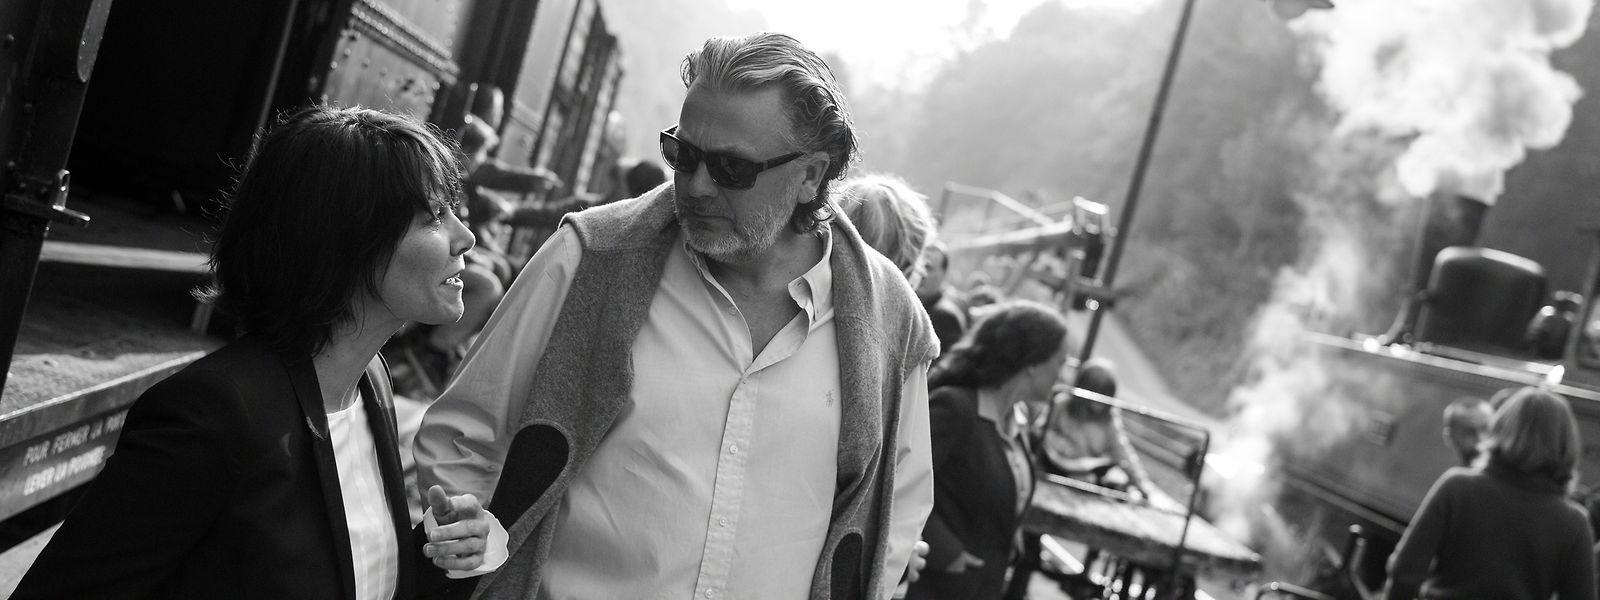 Rare sur les plateaux de tournage, Claude Waringo préfère son rôle de producteur discret mais efficace depuis 35 ans maintenant.